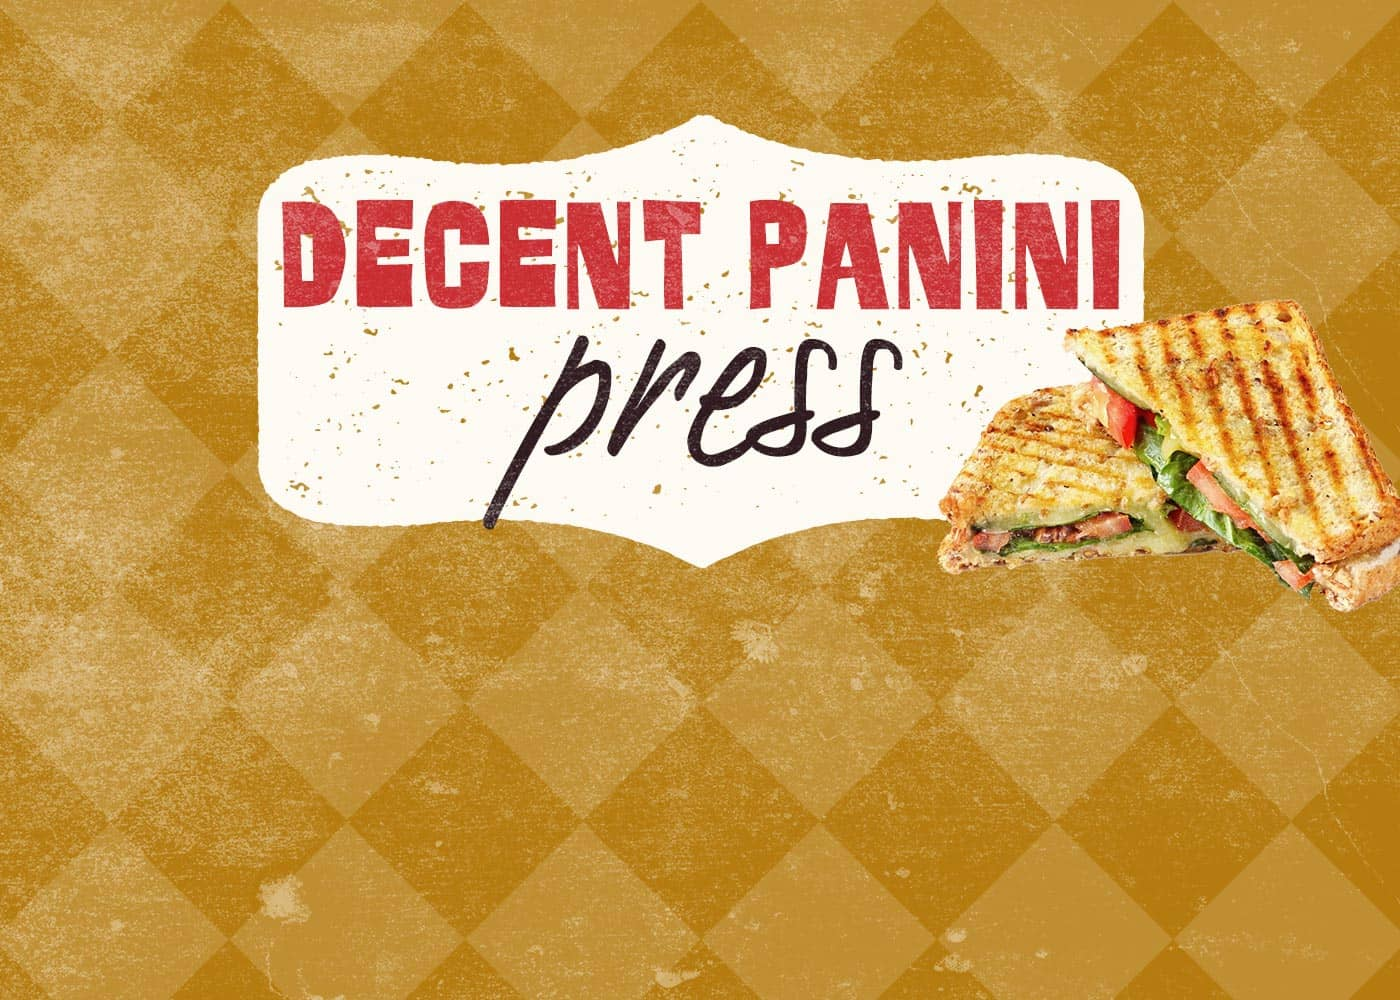 Decent Panini